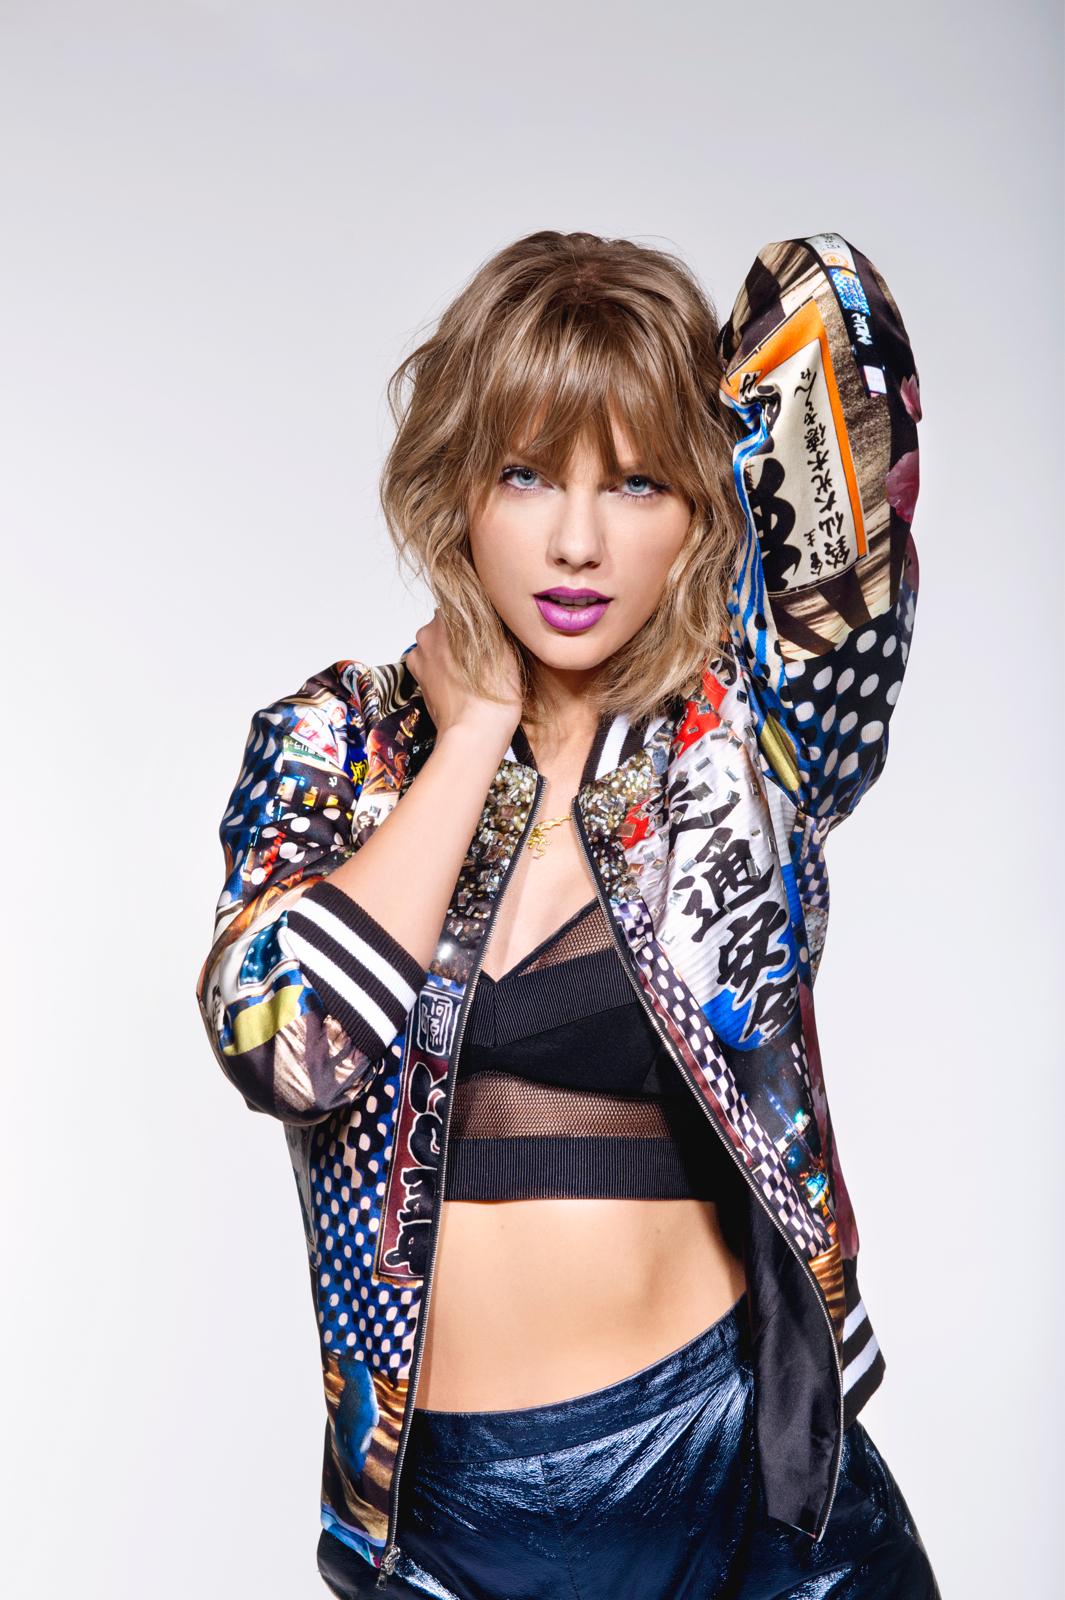 Es Taylor Swift la mujer mas hermosa del universo?